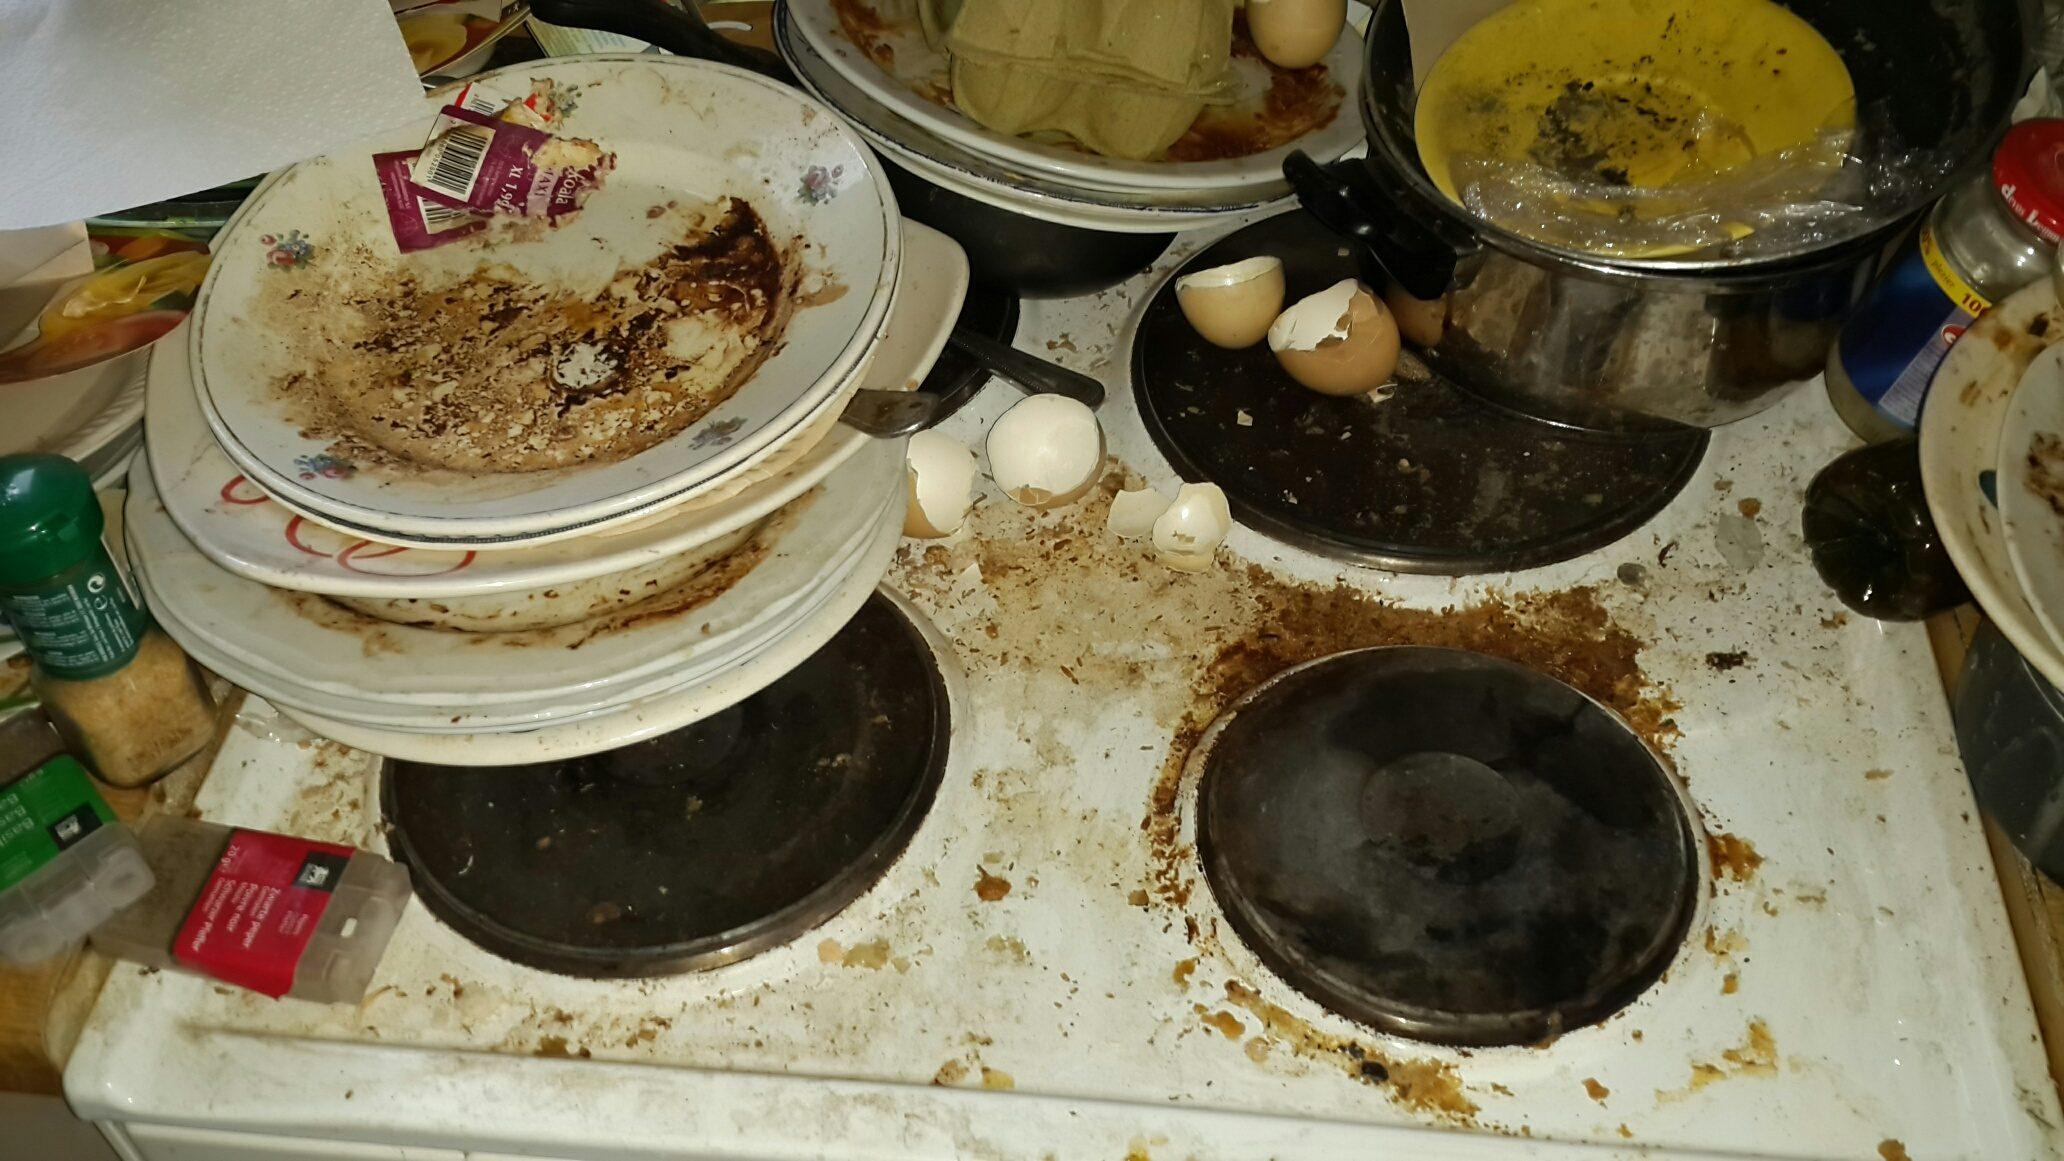 Cuisine diogène à Bruxelles avant nettoyage et désinfection de Clean désinfection